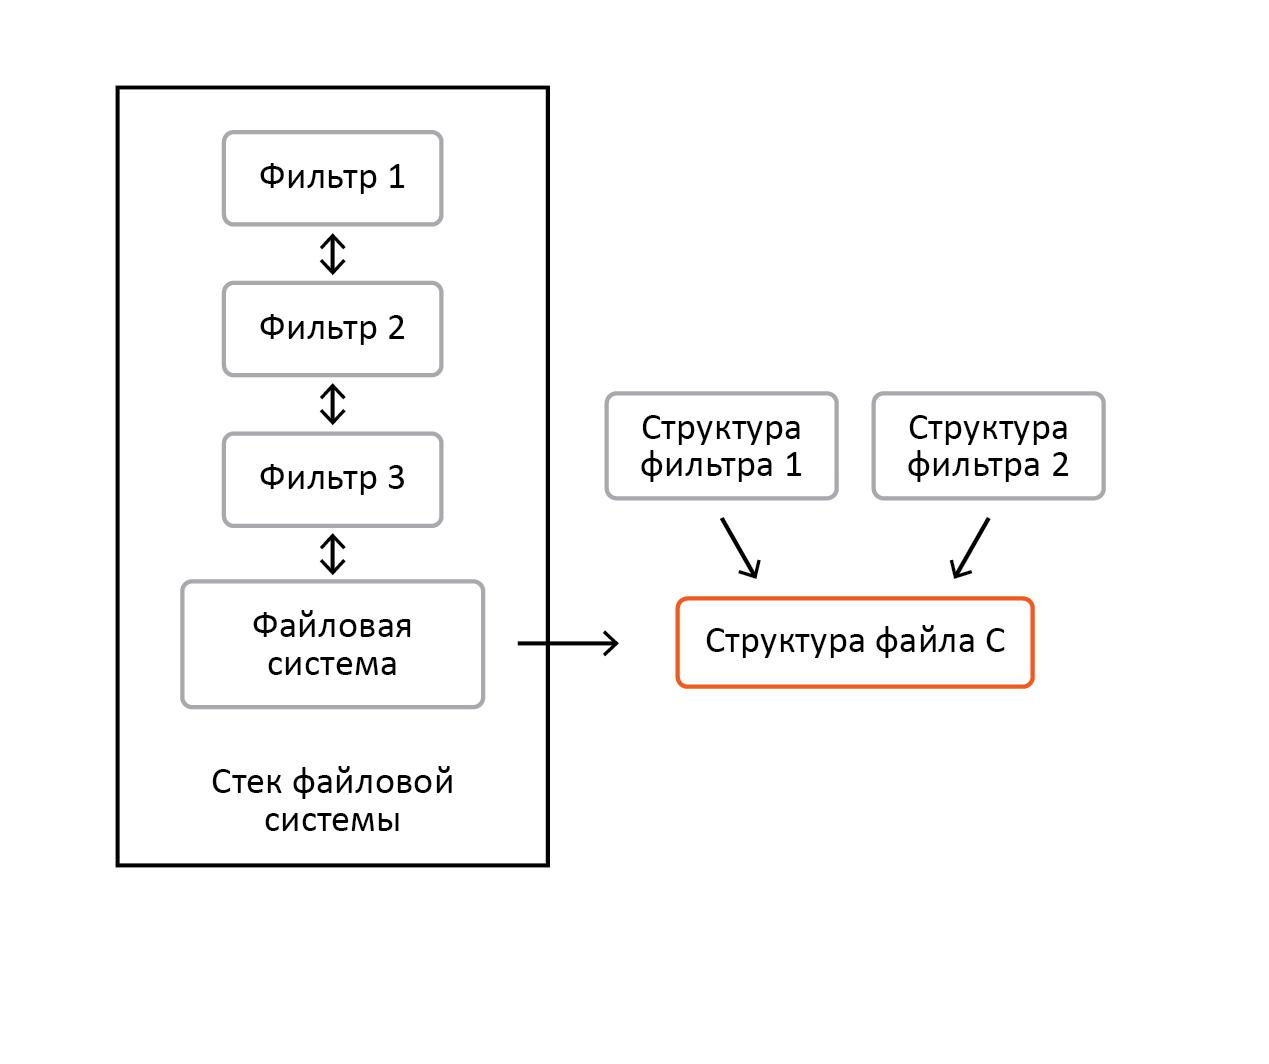 «Разрубить Гордиев узел» или преодоление проблем шифрования информации в ОС Windows - 7